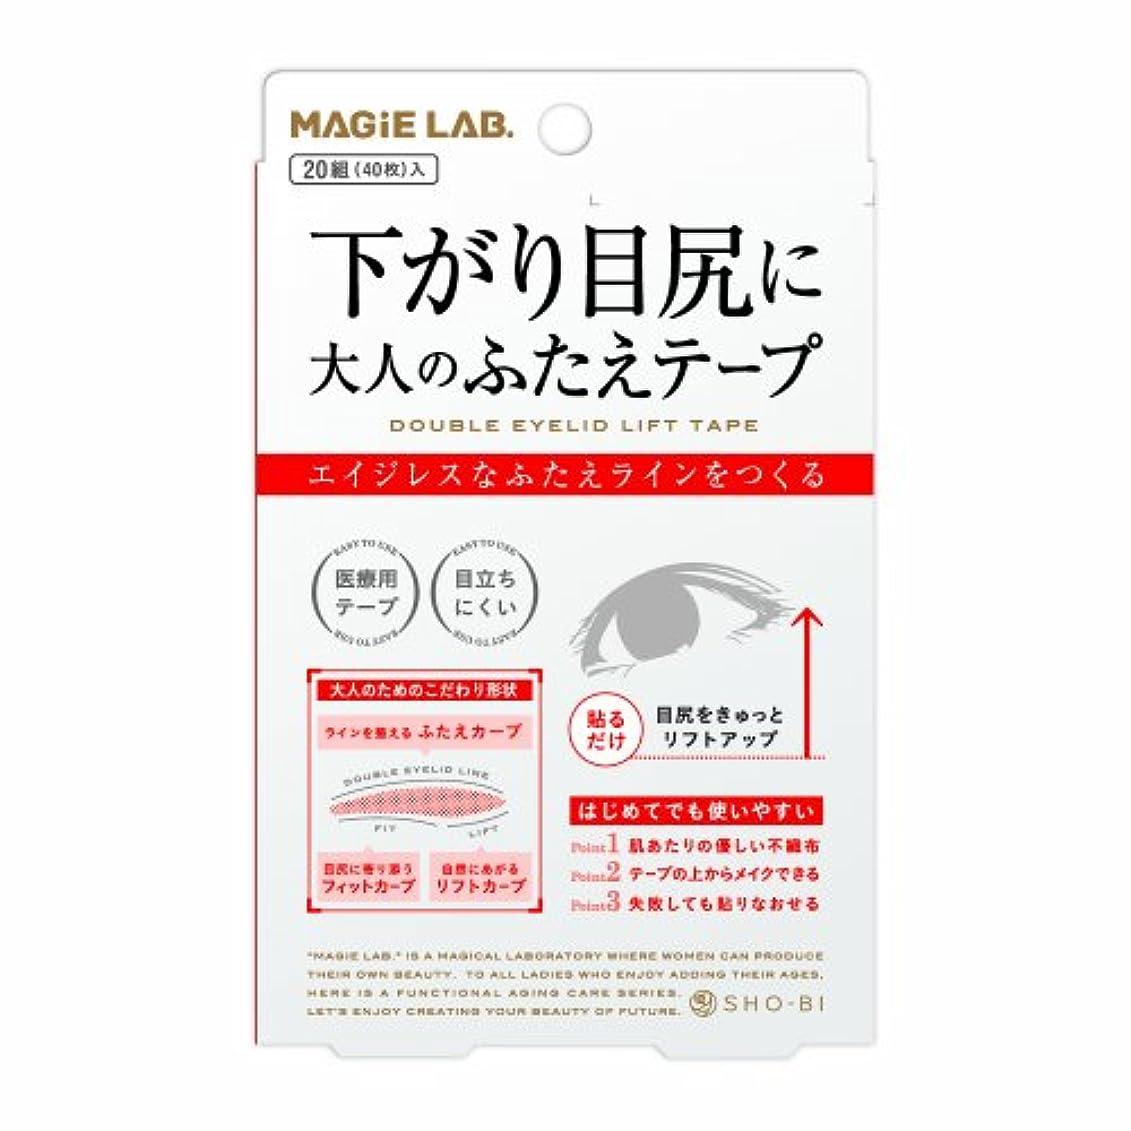 相互接続シットコムキャビンMG22105 下がり目尻に 大人のふたえープ 20組40枚入 整形テープ マジラボ MAGiE LAB.